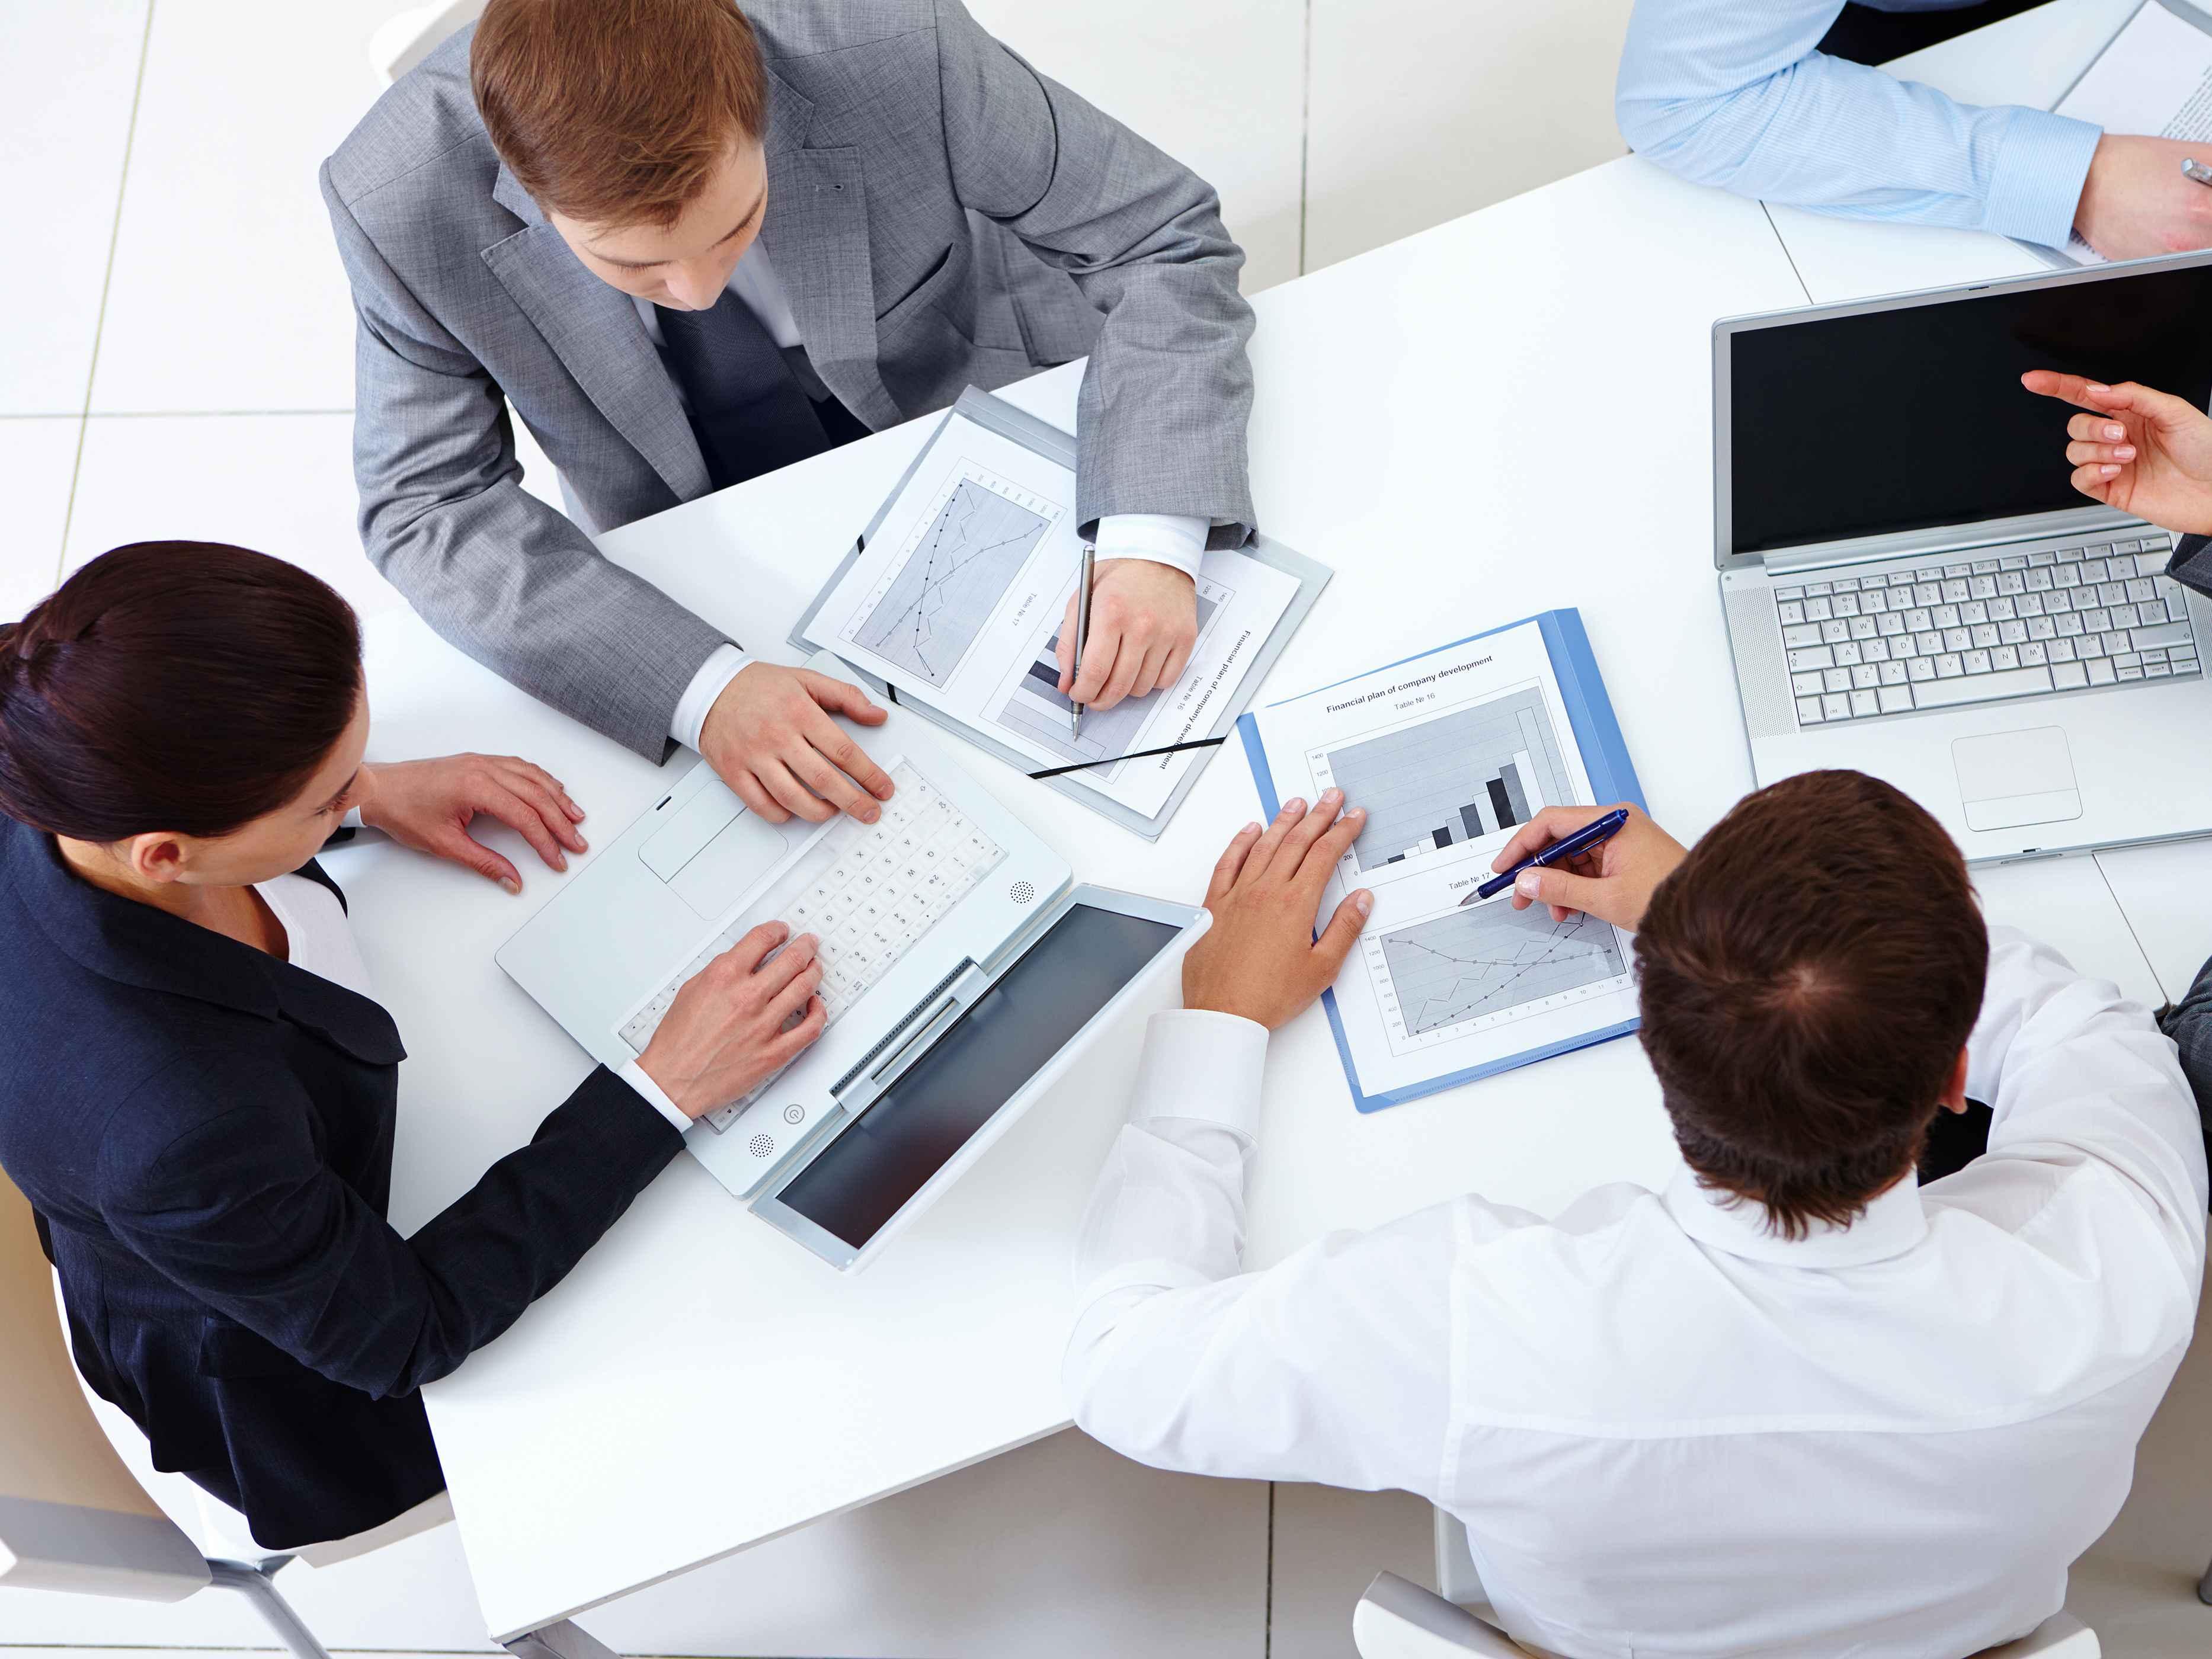 赵鲜梅:高效能人士的七个习惯